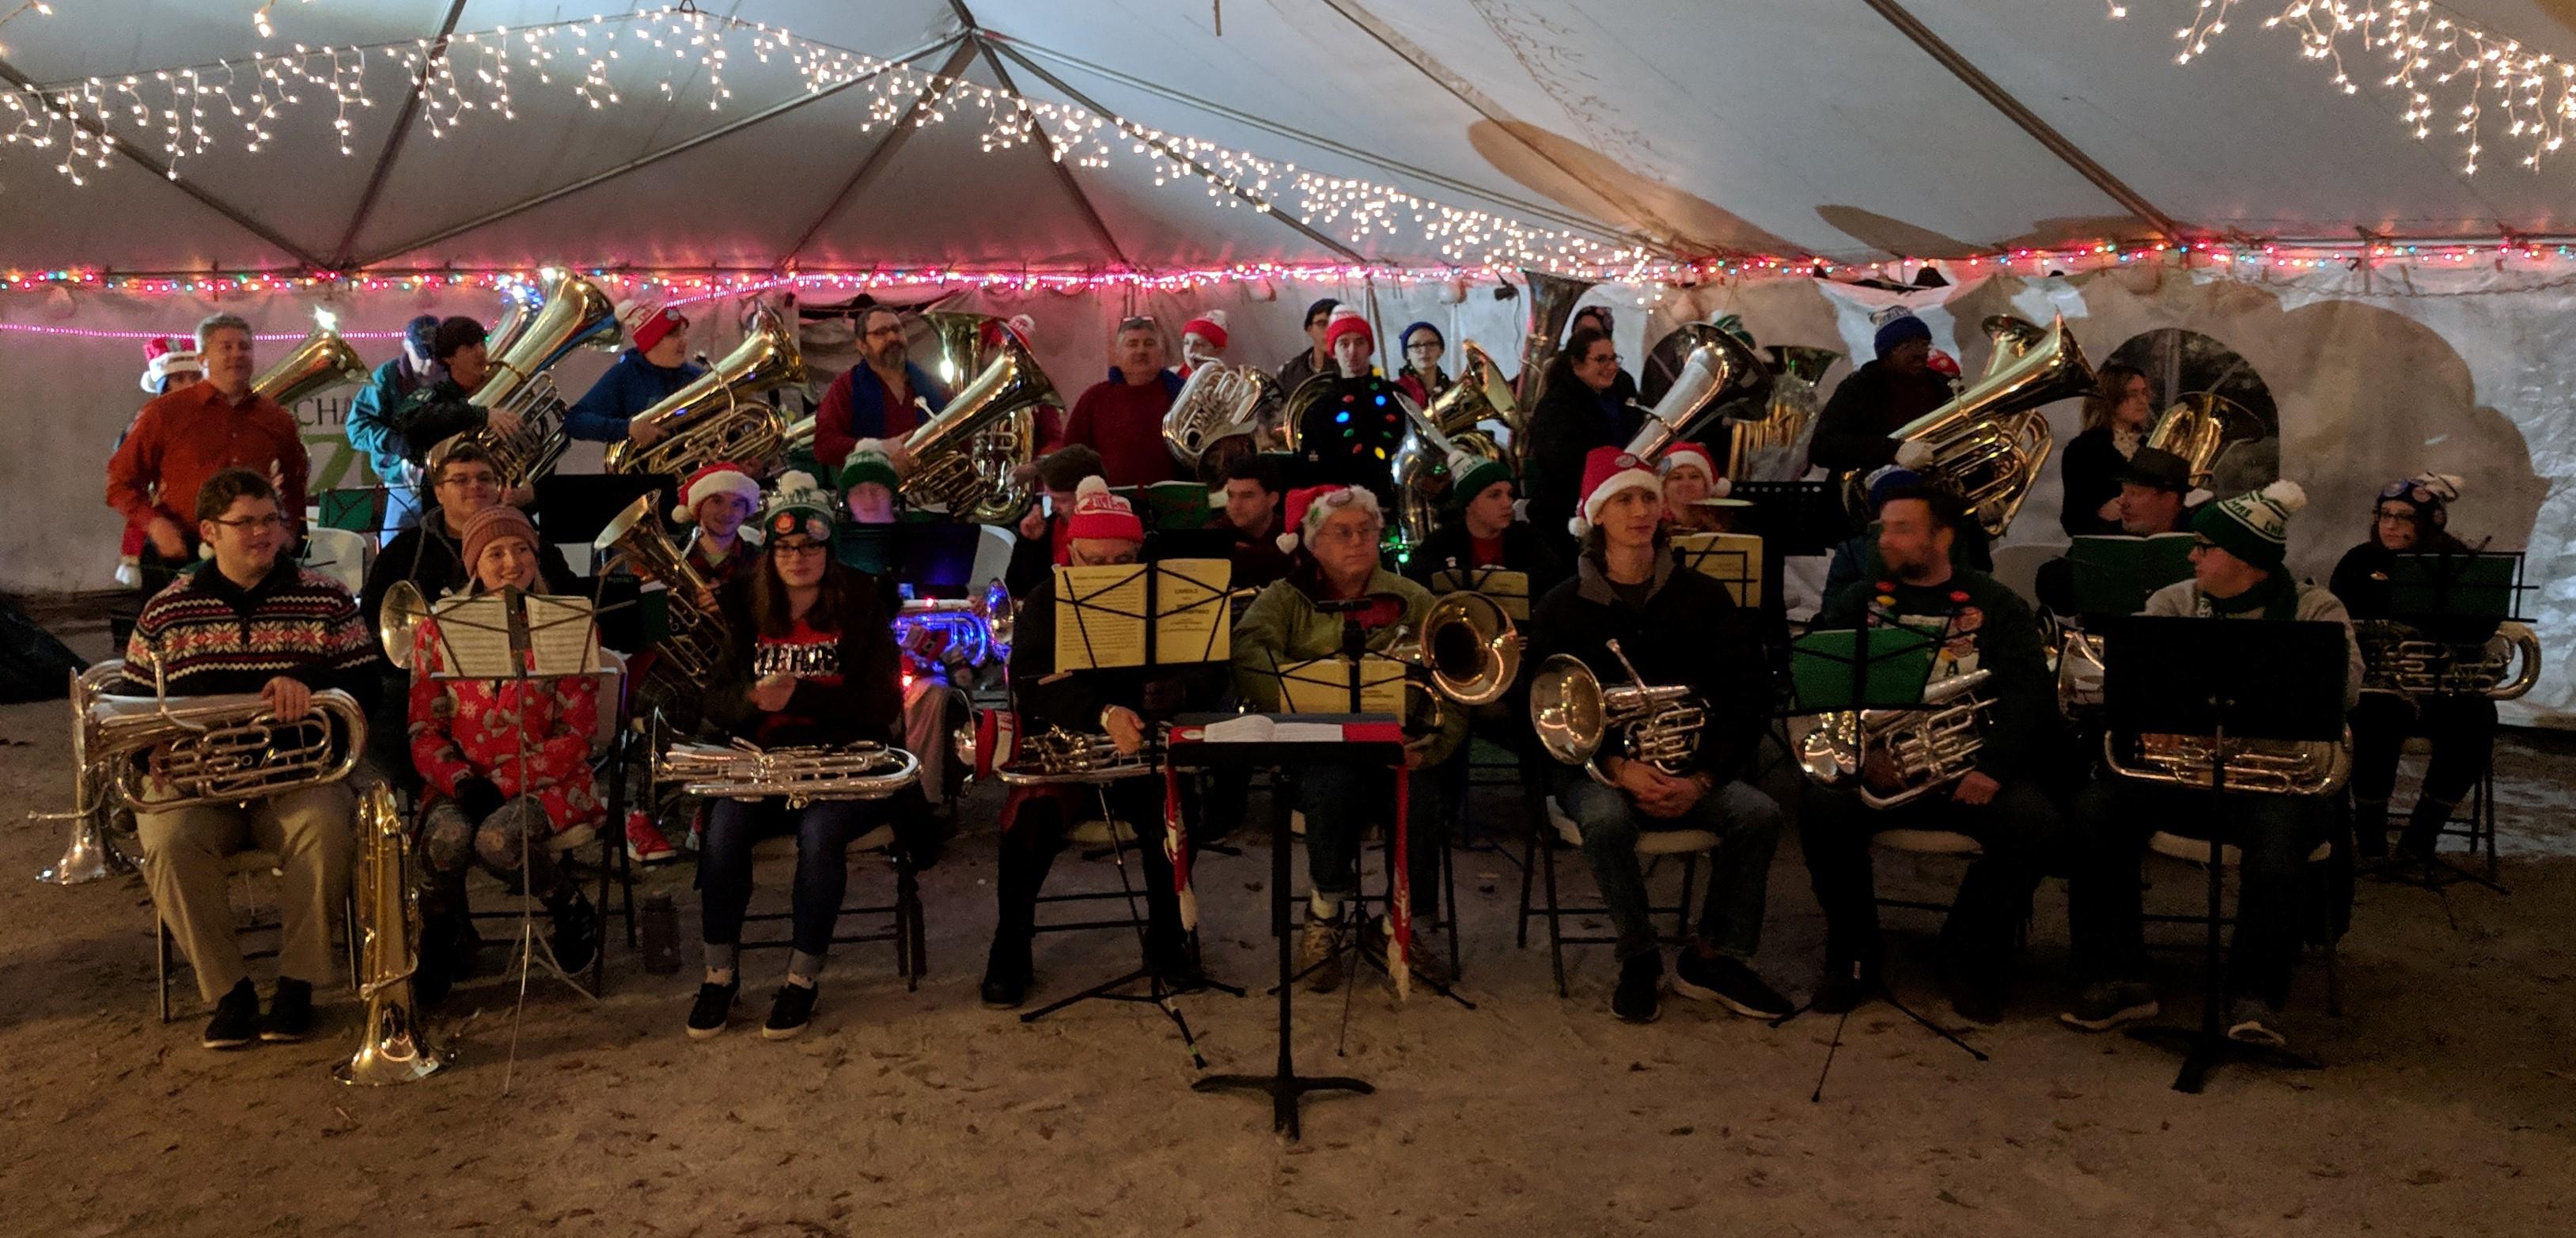 Merry Tuba Christmas 2019 TubaChristmas